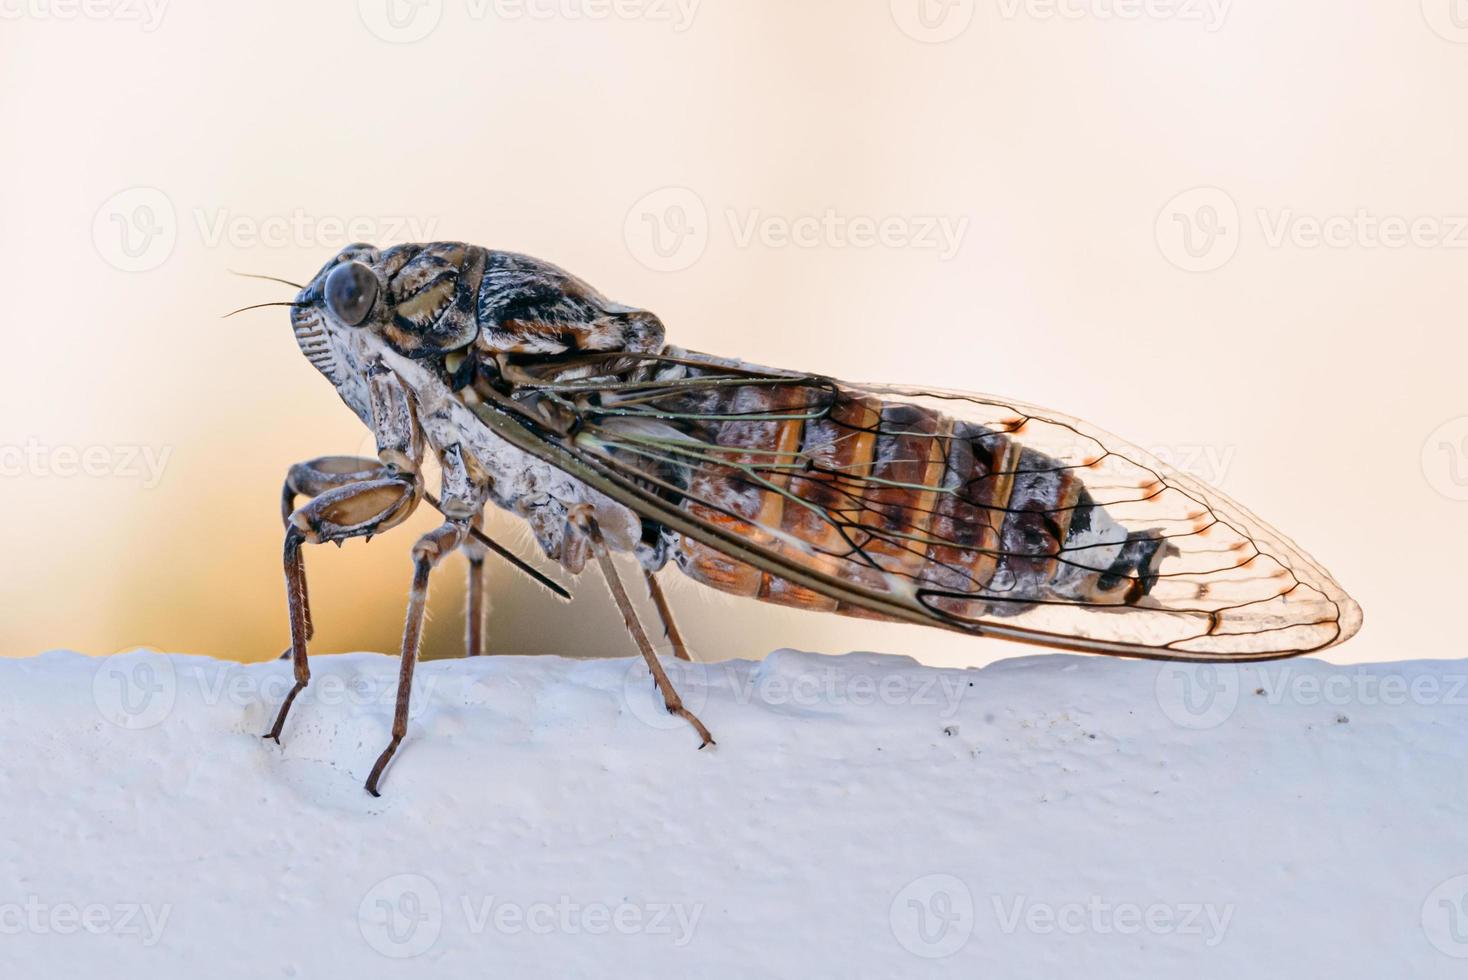 cikada insekt. cikad närbild på en vit vägg. cikada makrofotografering. foto